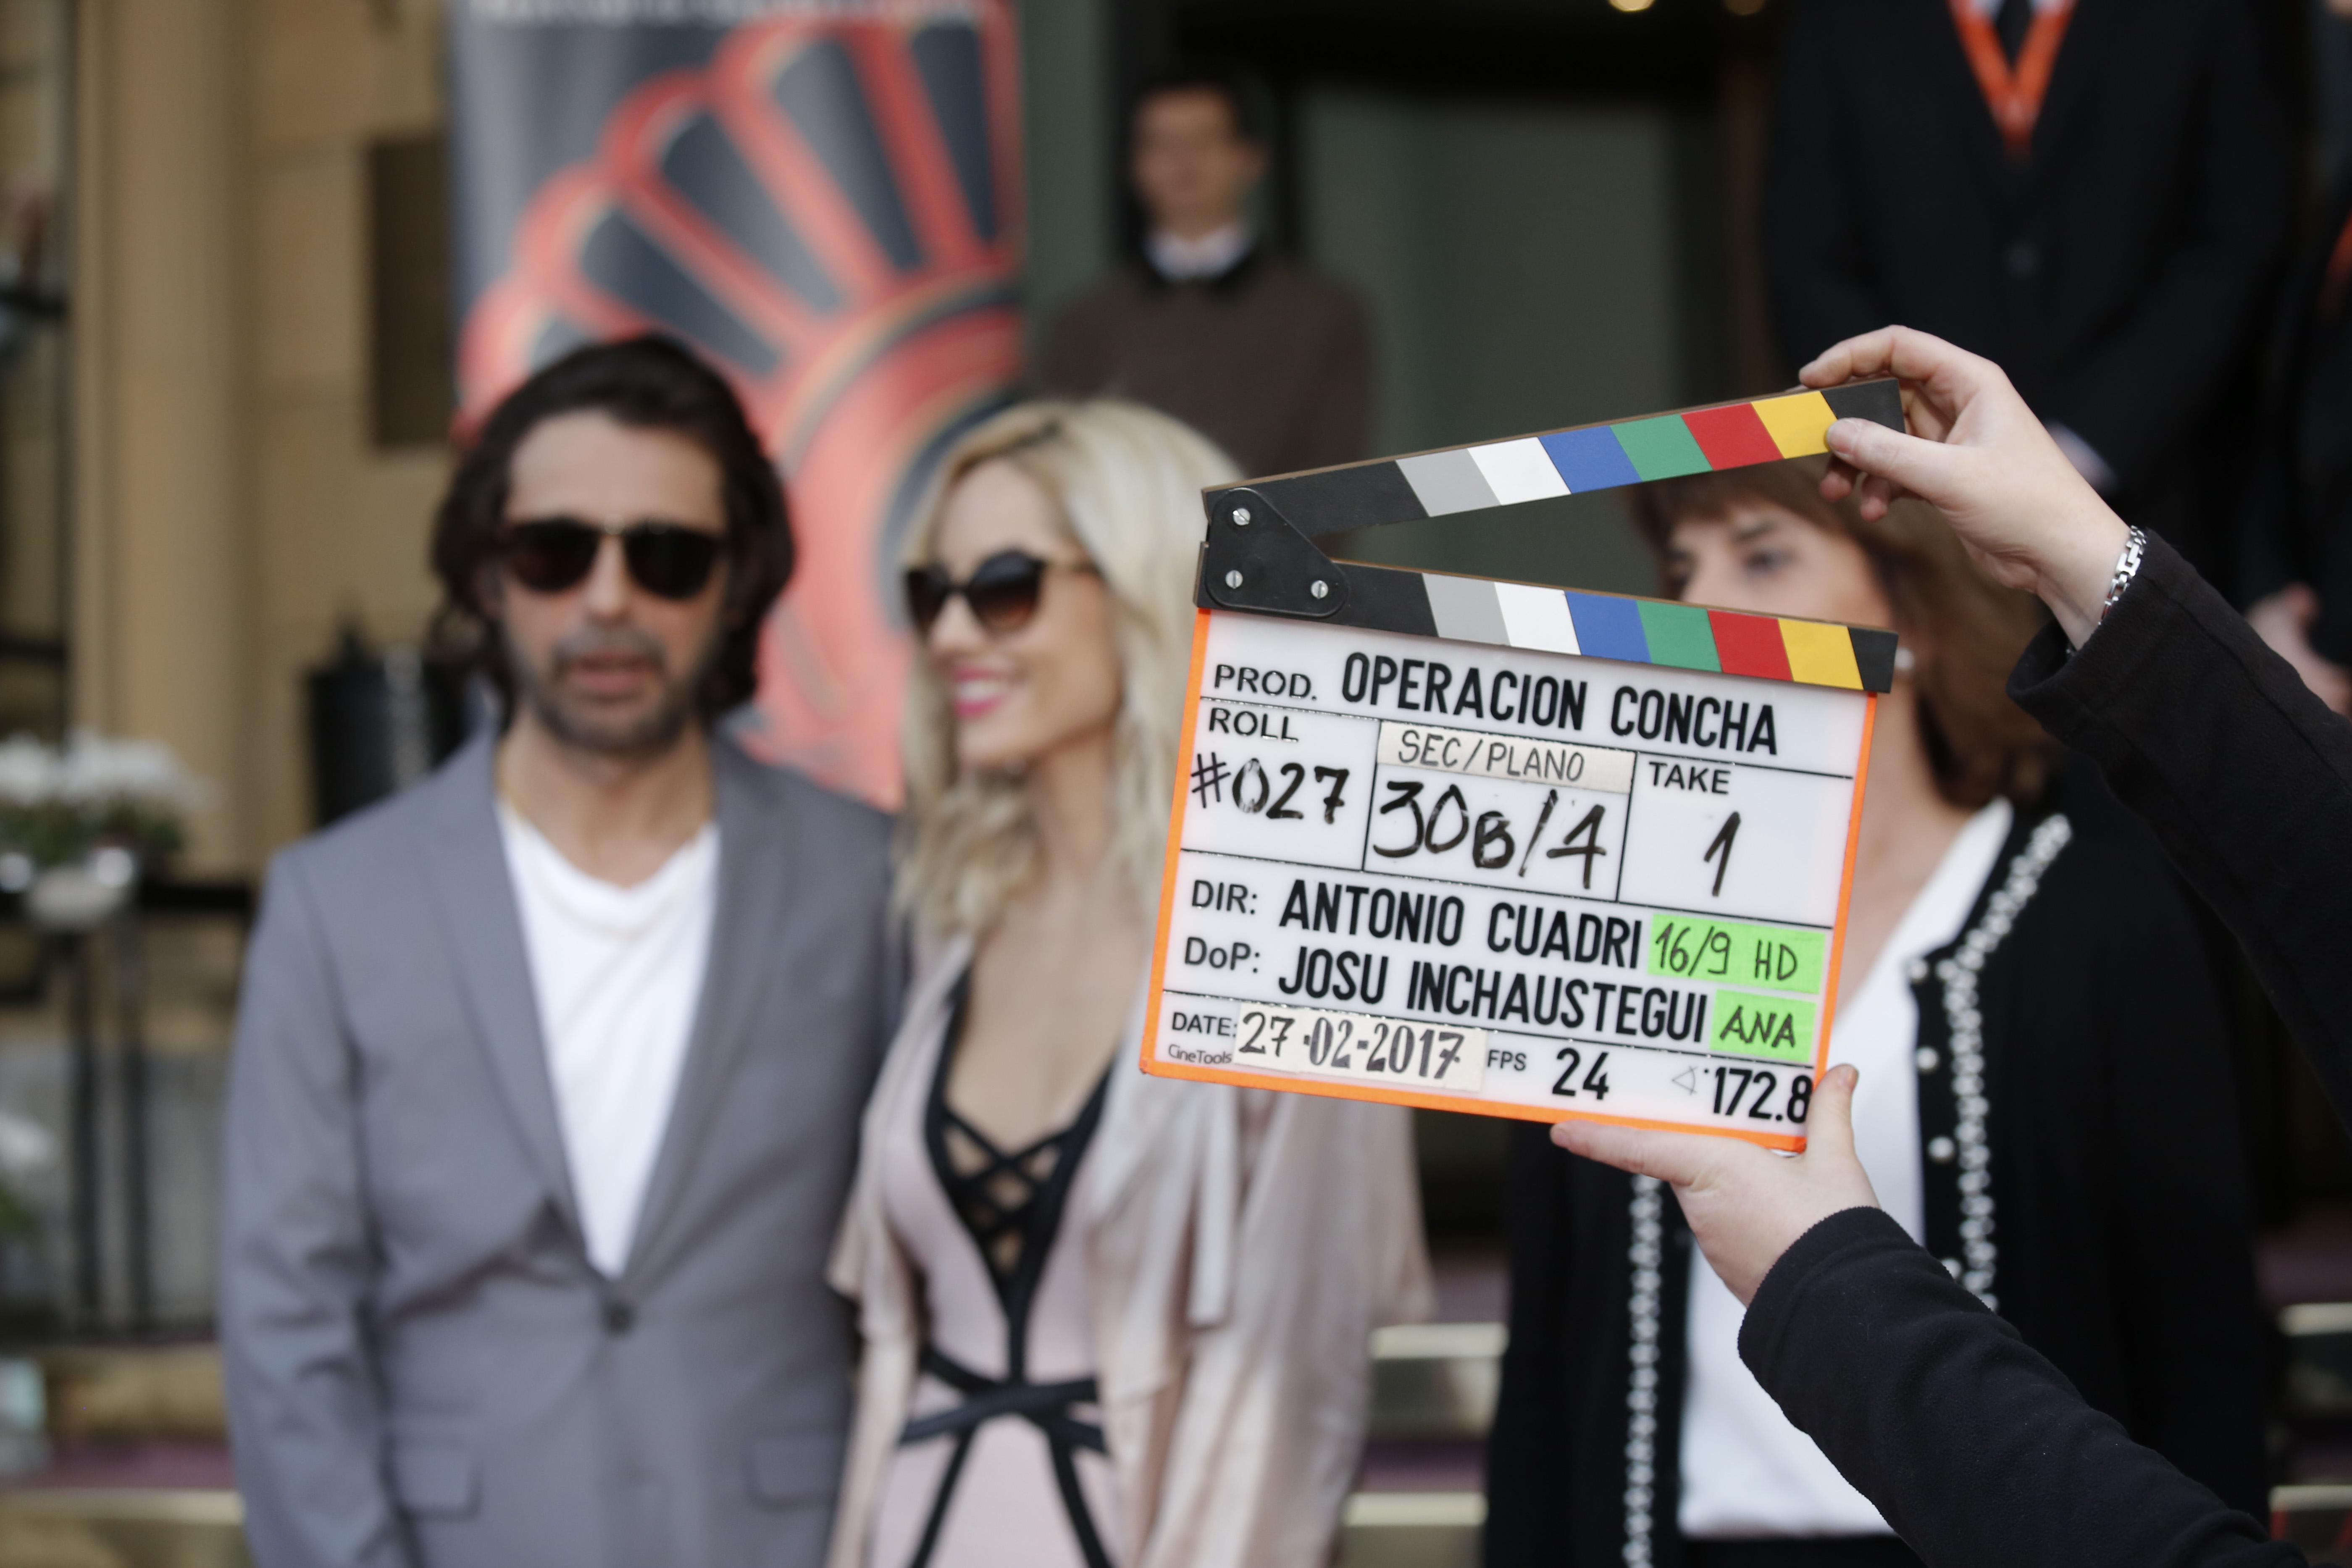 Comienza el rodaje de OPERACIÓN CONCHA dirigida por Antonio Cuadri y protagonizada por Jordi Mollá y Karra Elejalde.